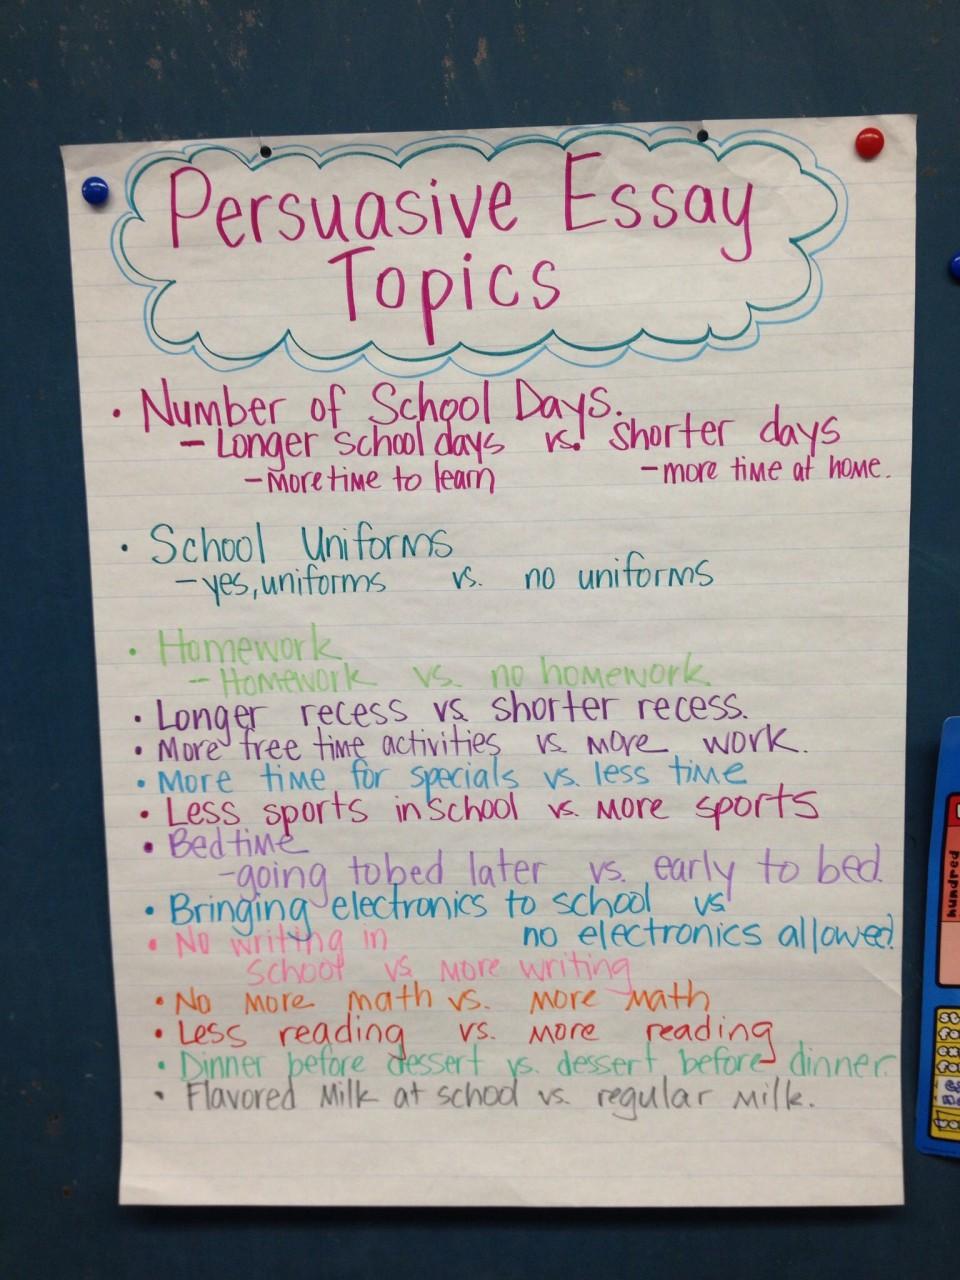 004 8th Grade Essay Topics Phenomenal Narrative Us History Questions 960